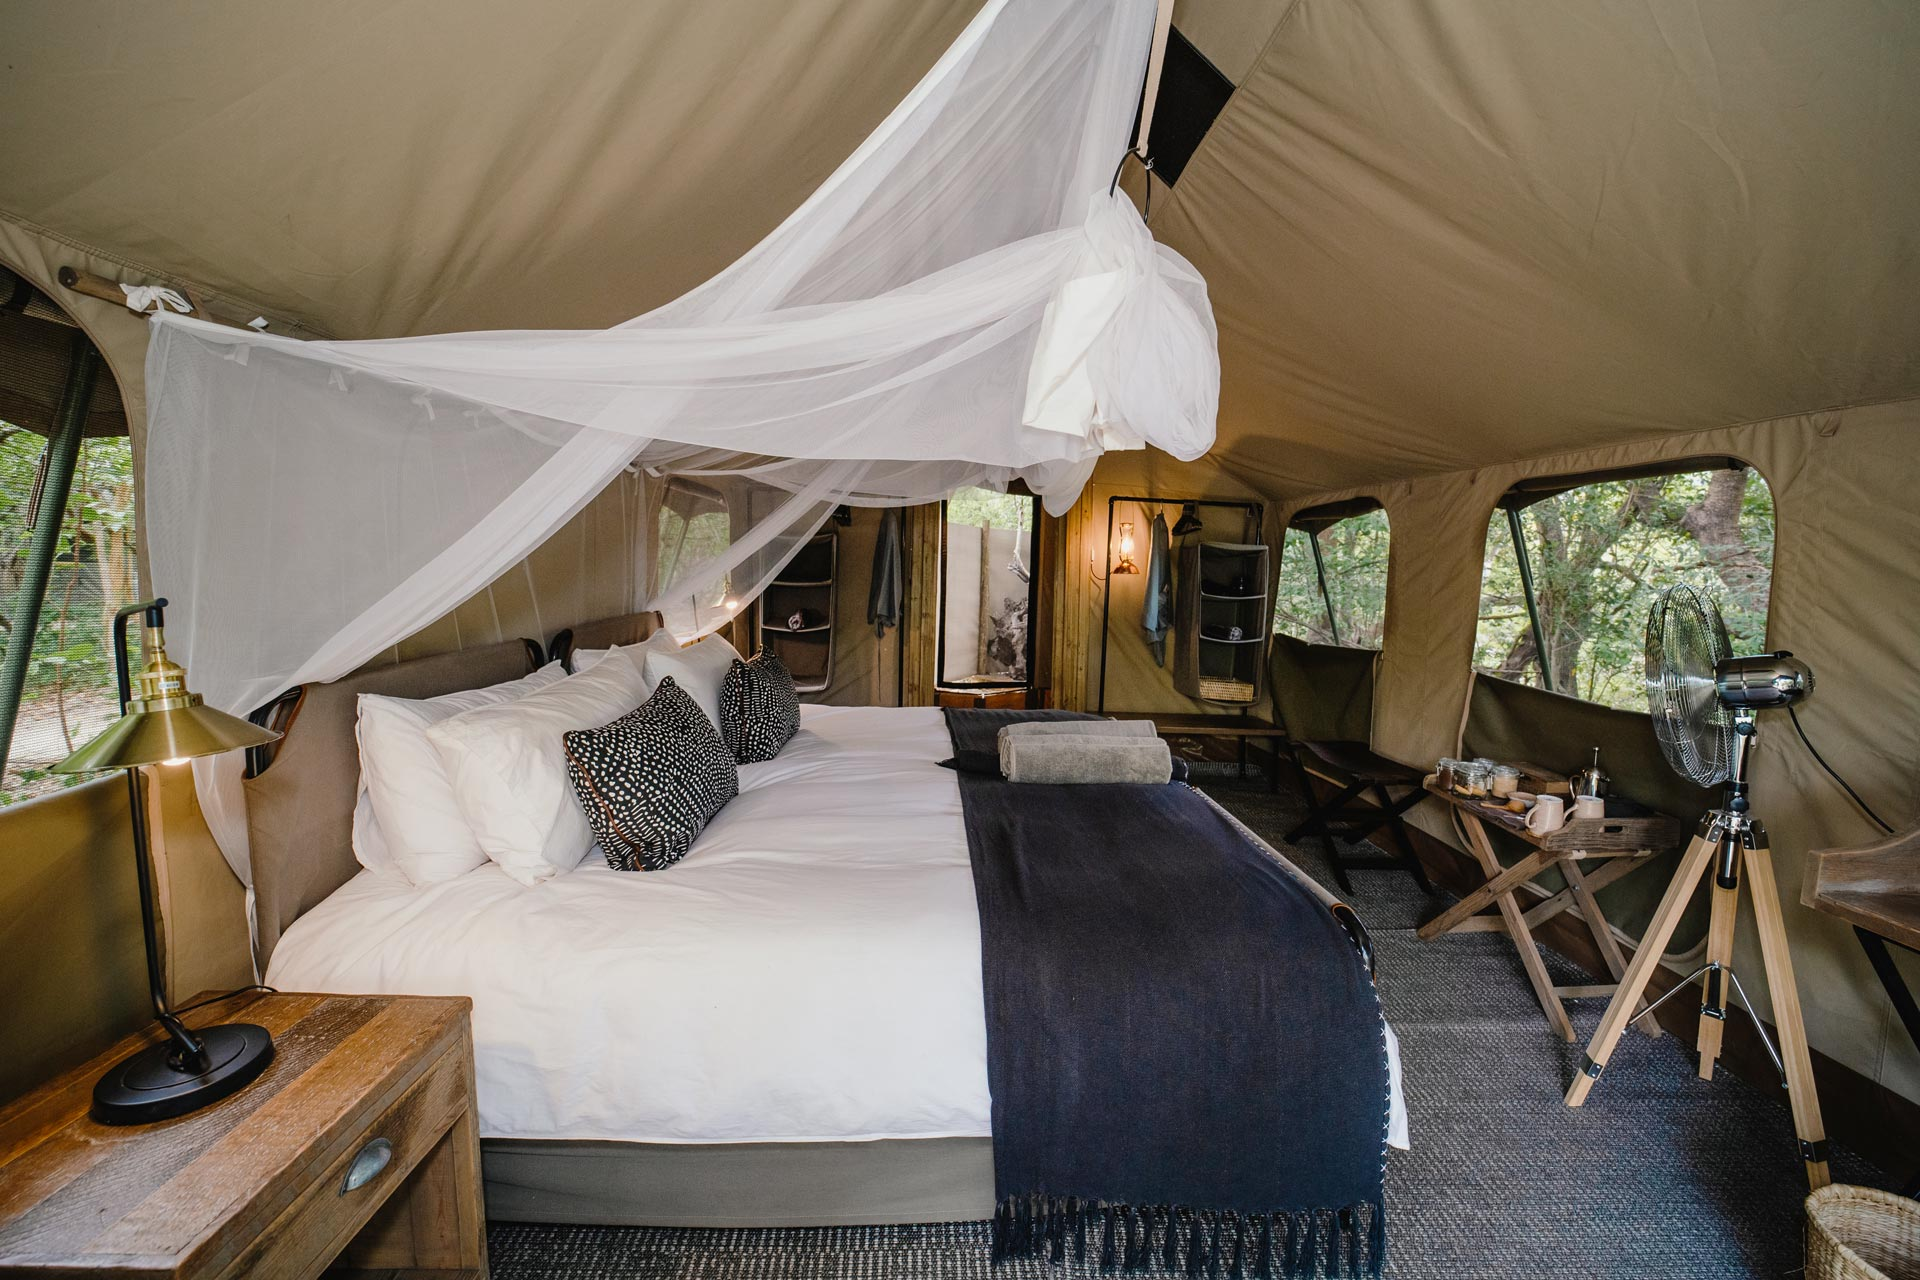 Tsowa Safari Island - Zambezi National Park - Victoria Falls - Zimbabwe